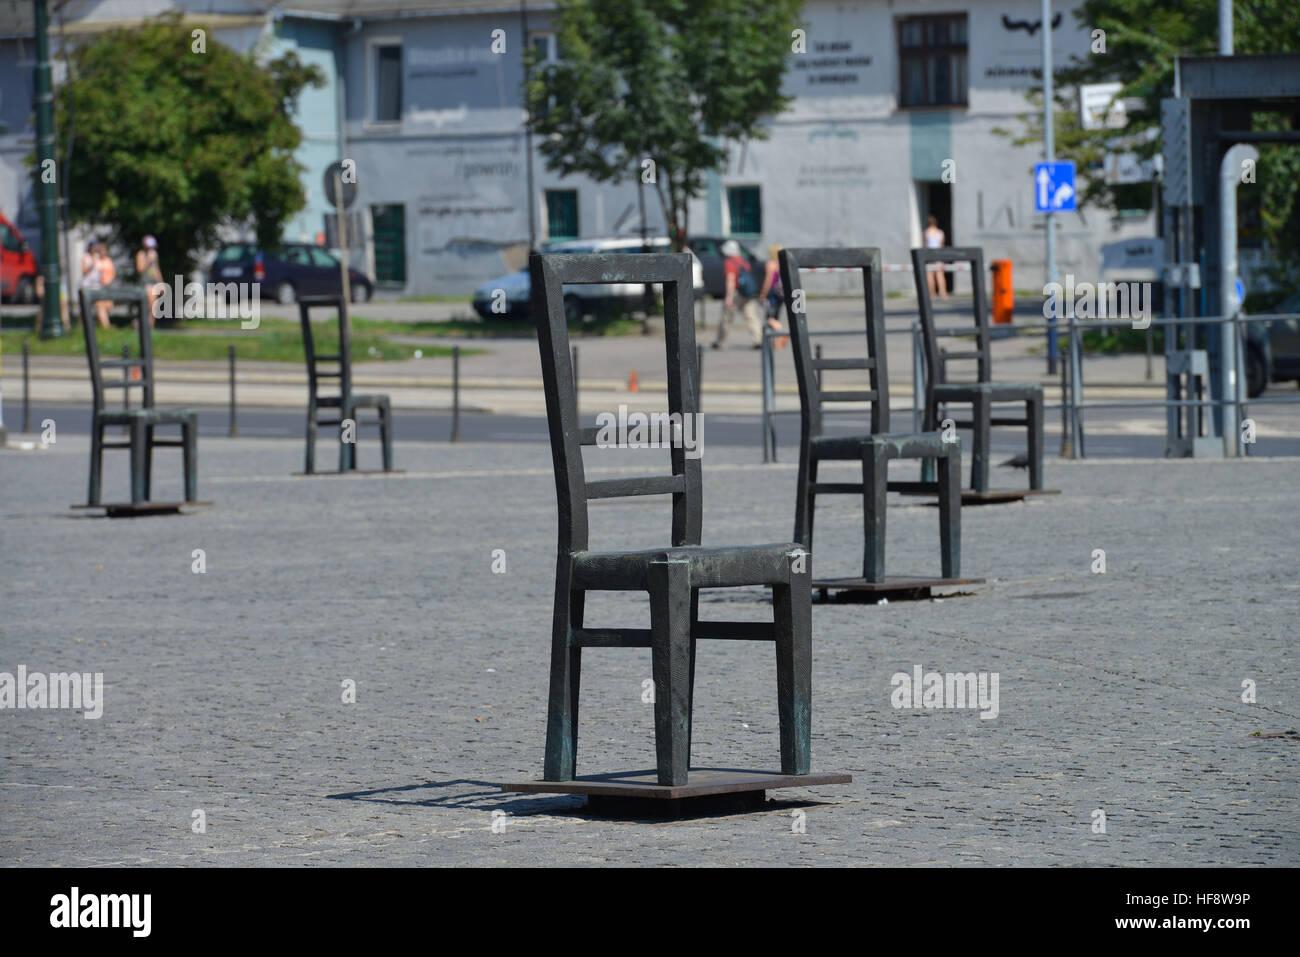 Mahnmal, Platz der Ghettohelden, Krakau, Polen, Memorial, place of the ghetto heroes, Cracow, Poland - Stock Image